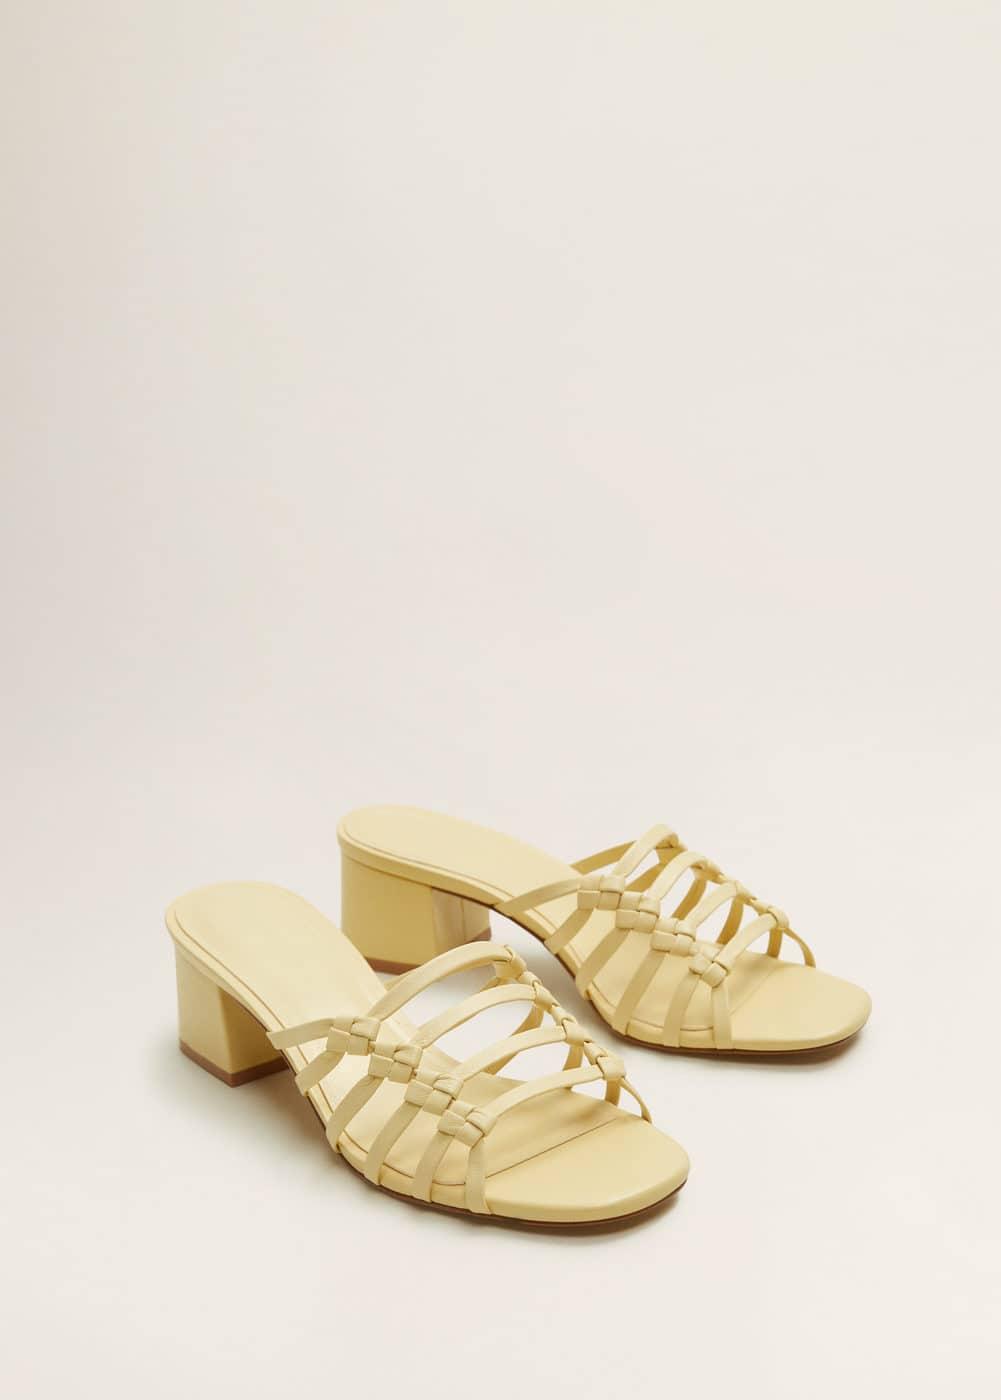 m-nudito:sandalia piel nudos